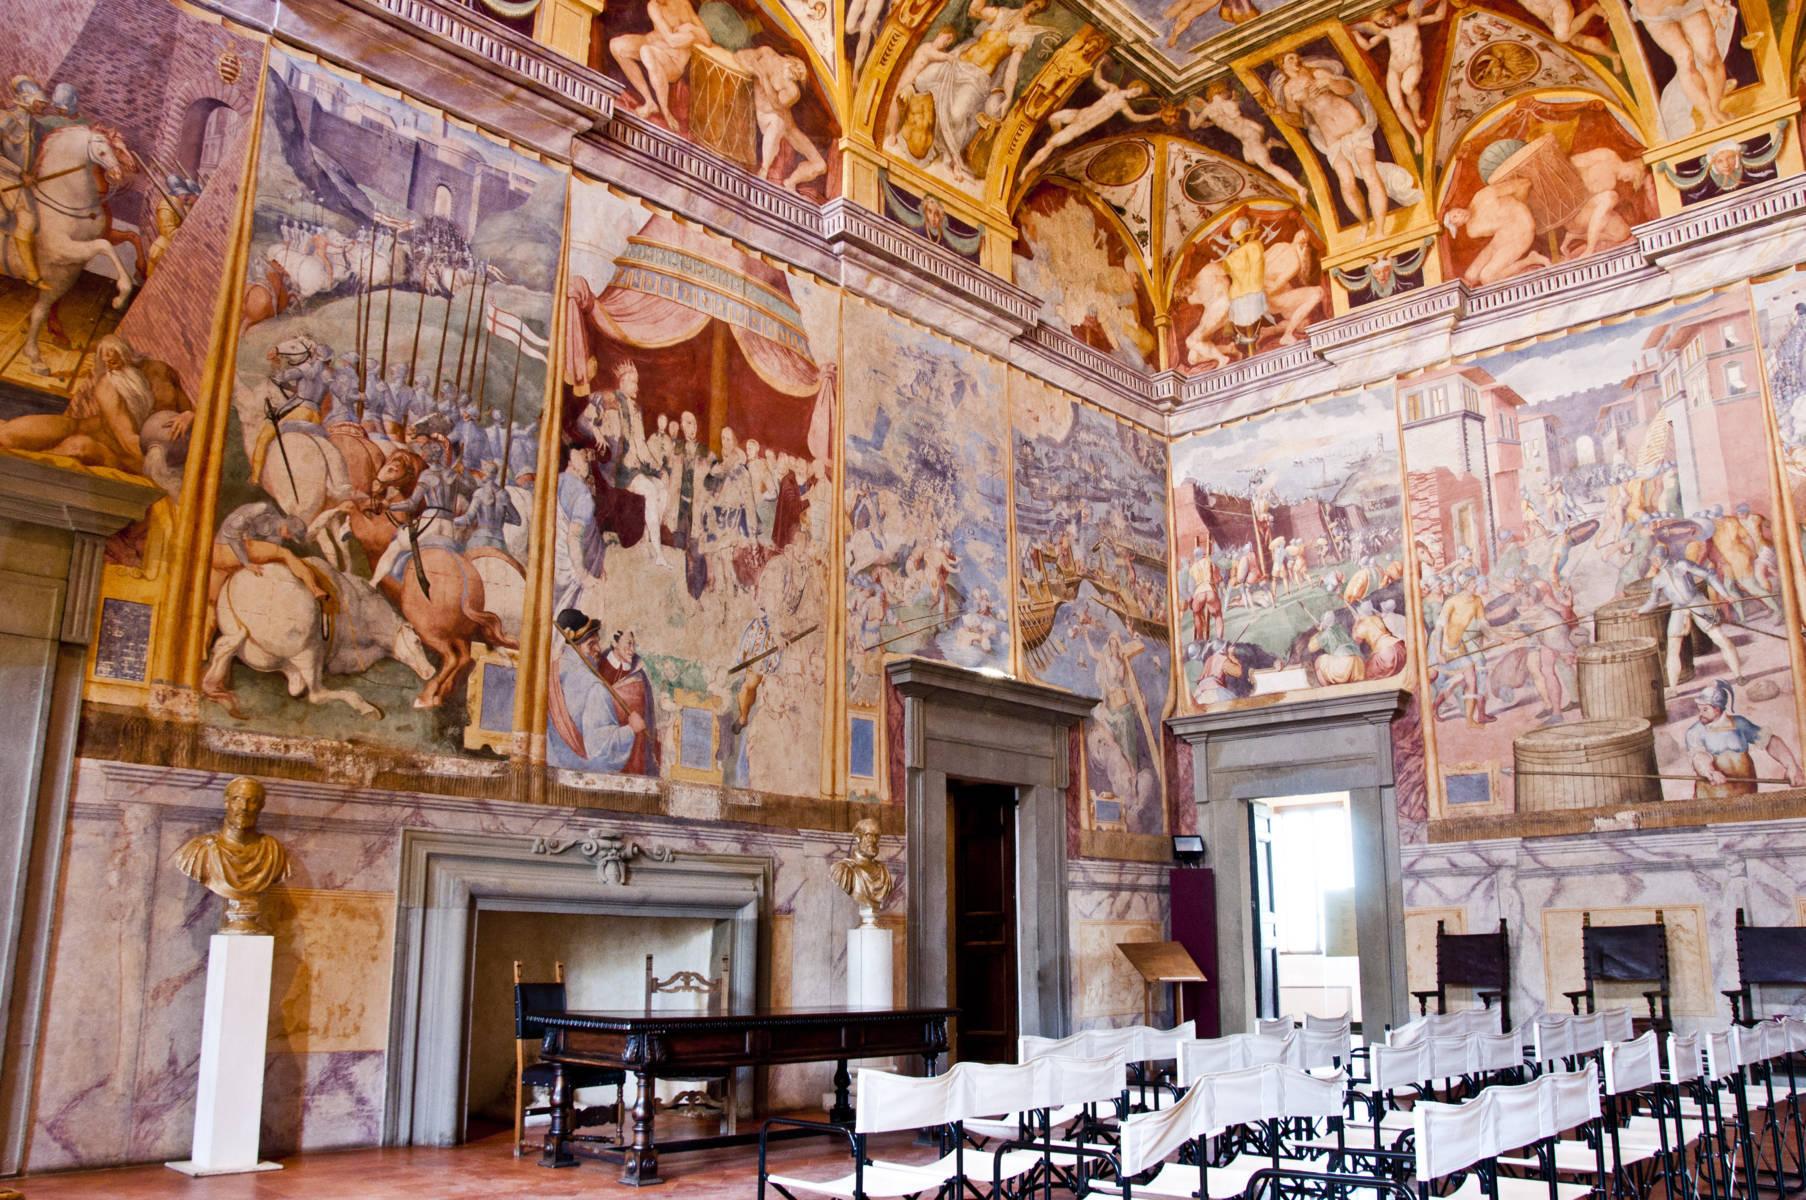 Palazzo della Corgna 12